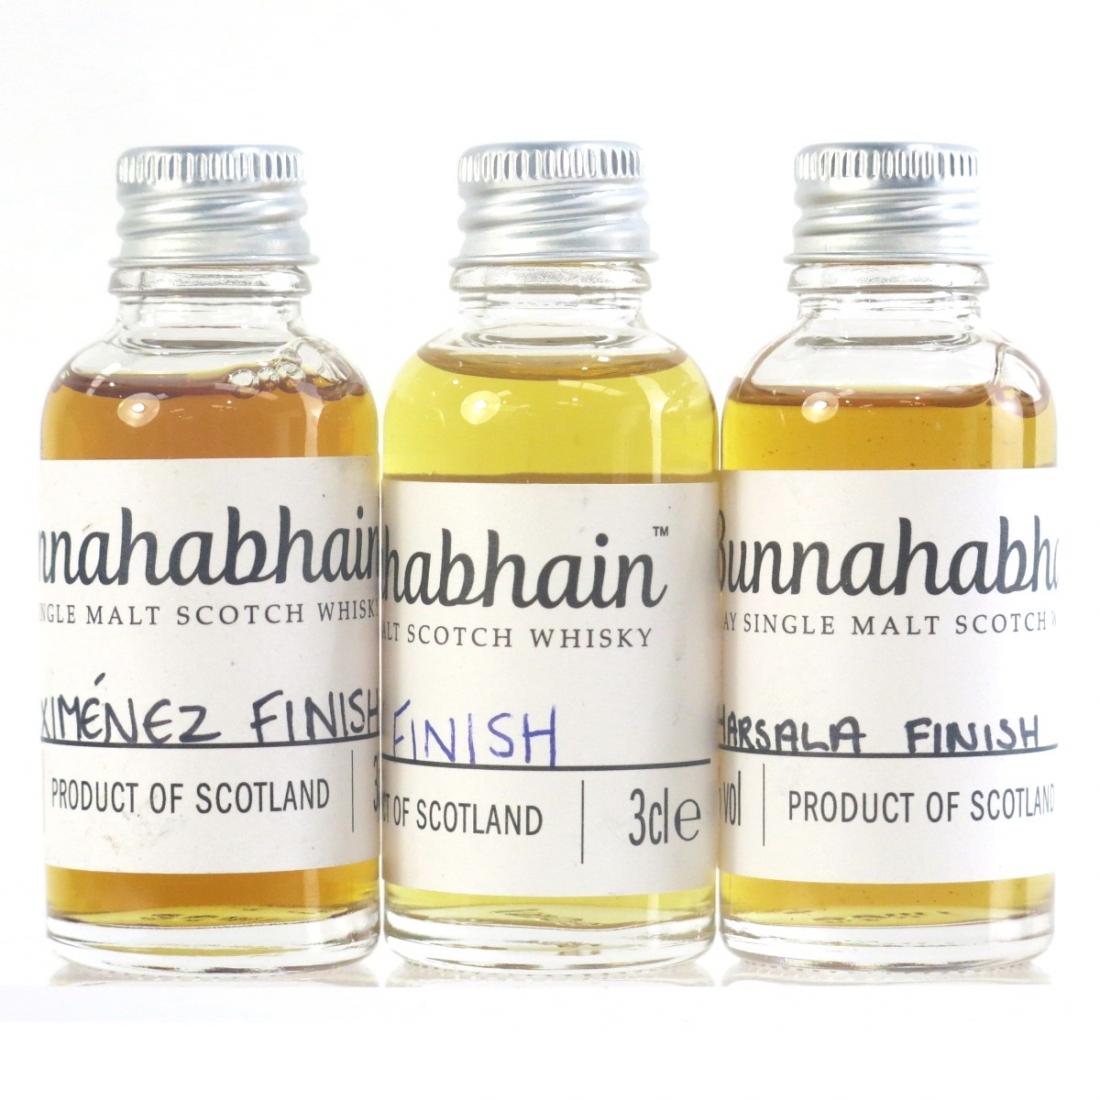 Bunnahabhain Sample Miniatures 3 x 3cl